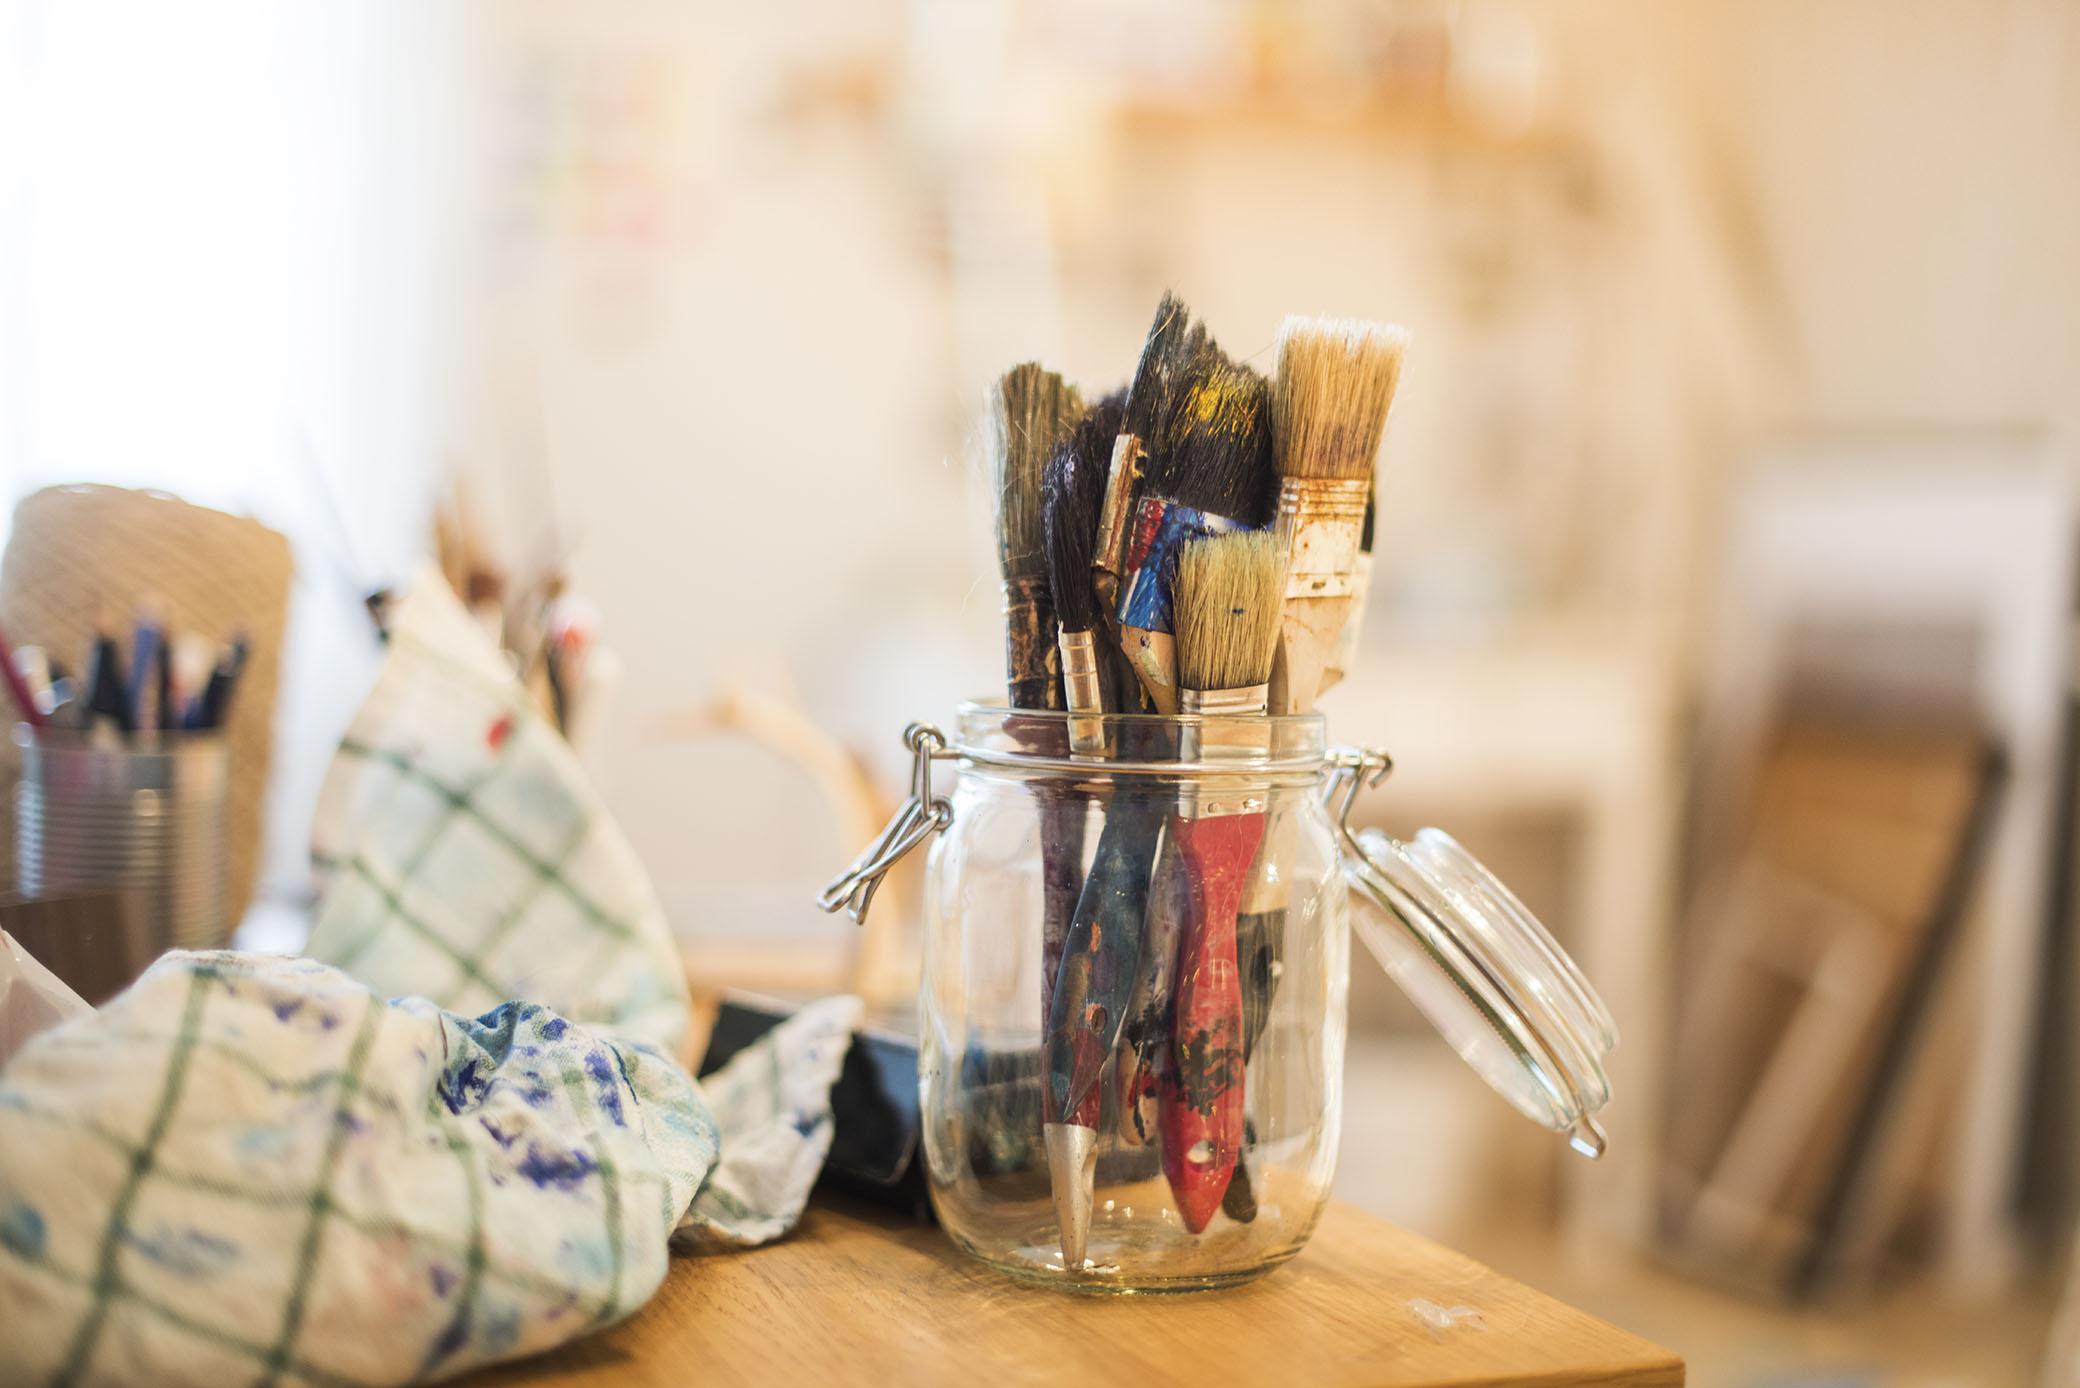 Det kommer göra gott för kreativiteten att få det städat och fint där inne.